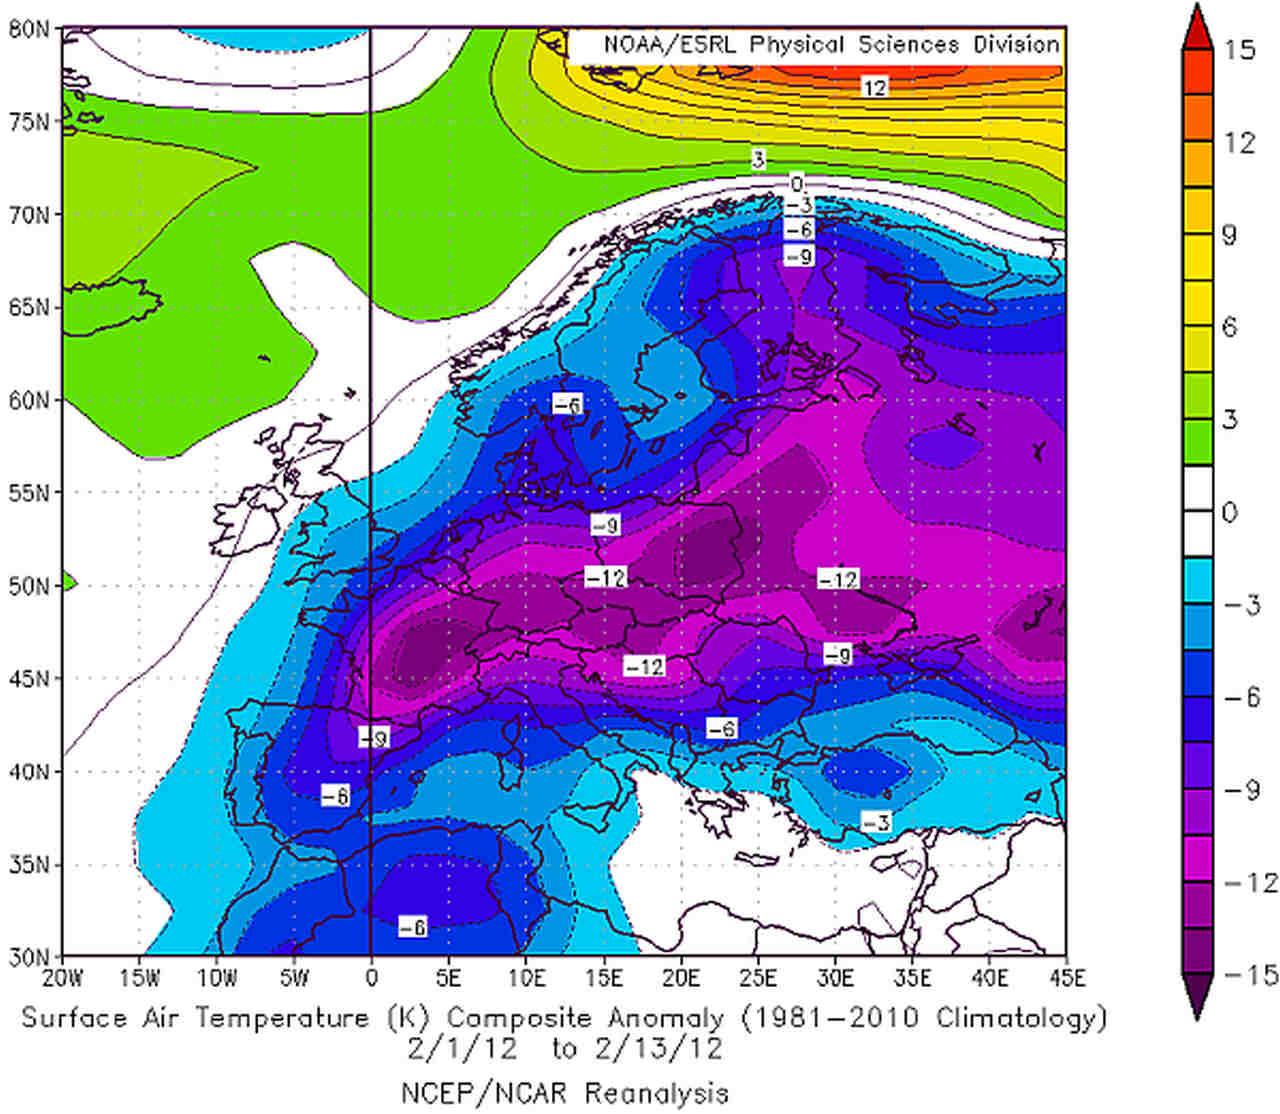 feb 2012 - Storiche ondate di Gelo a confronto: Febbraio 2012 contro Febbraio 1956